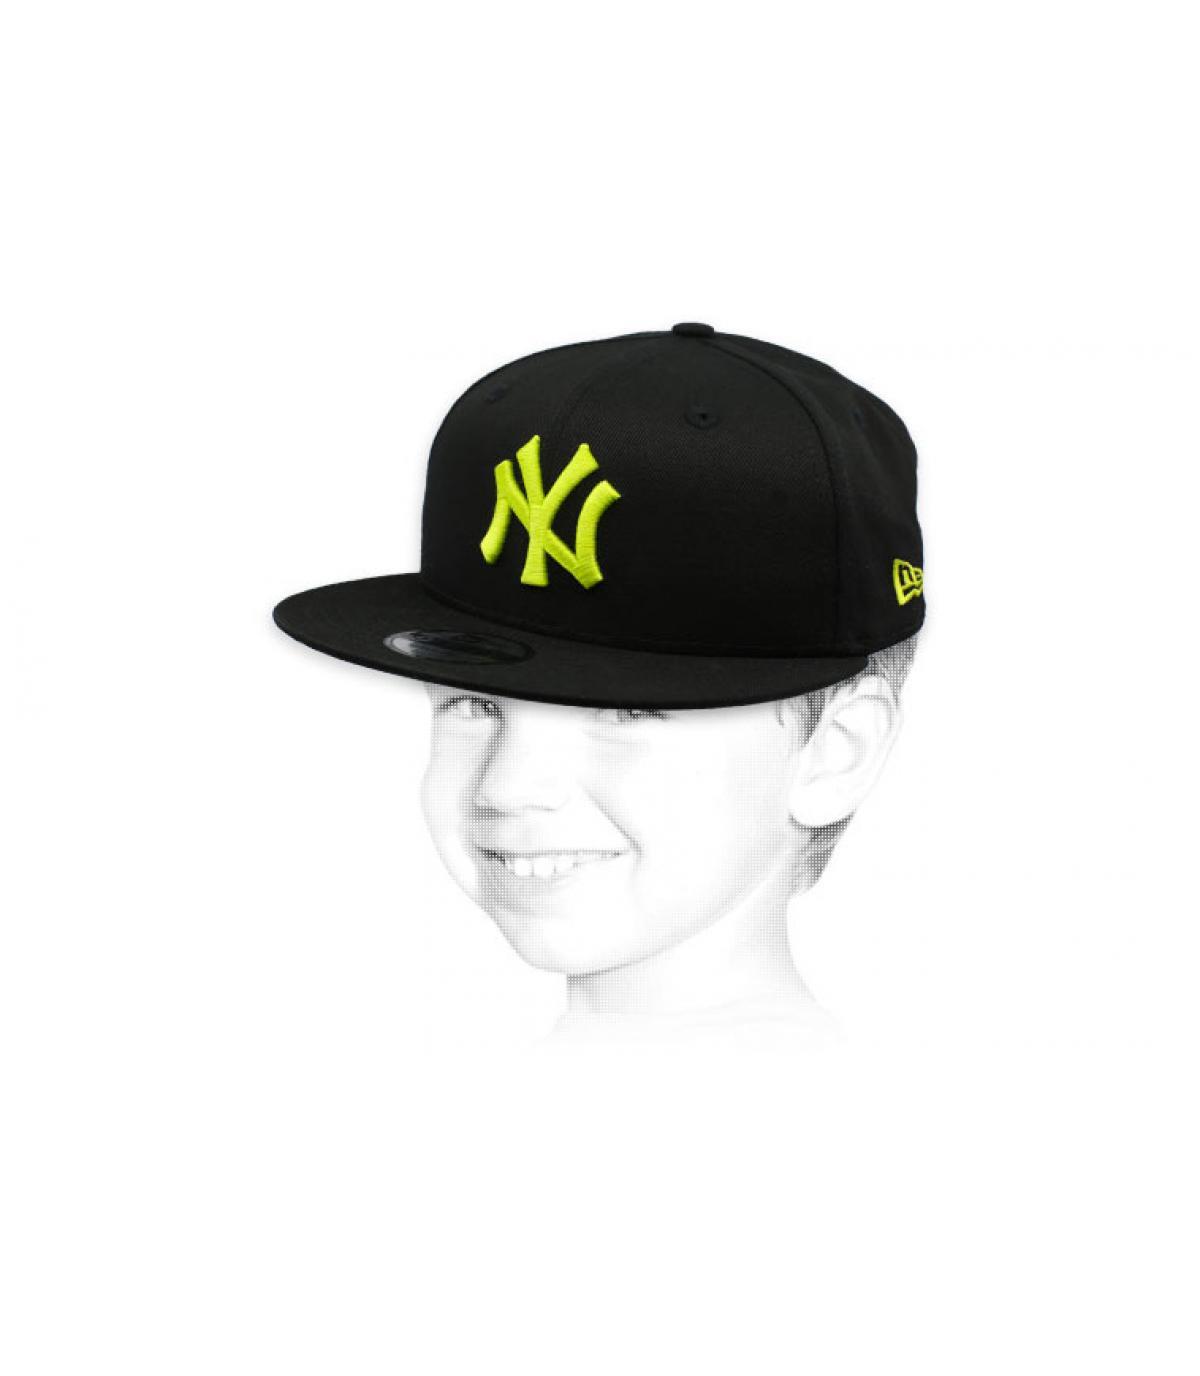 NY child cap black yellow